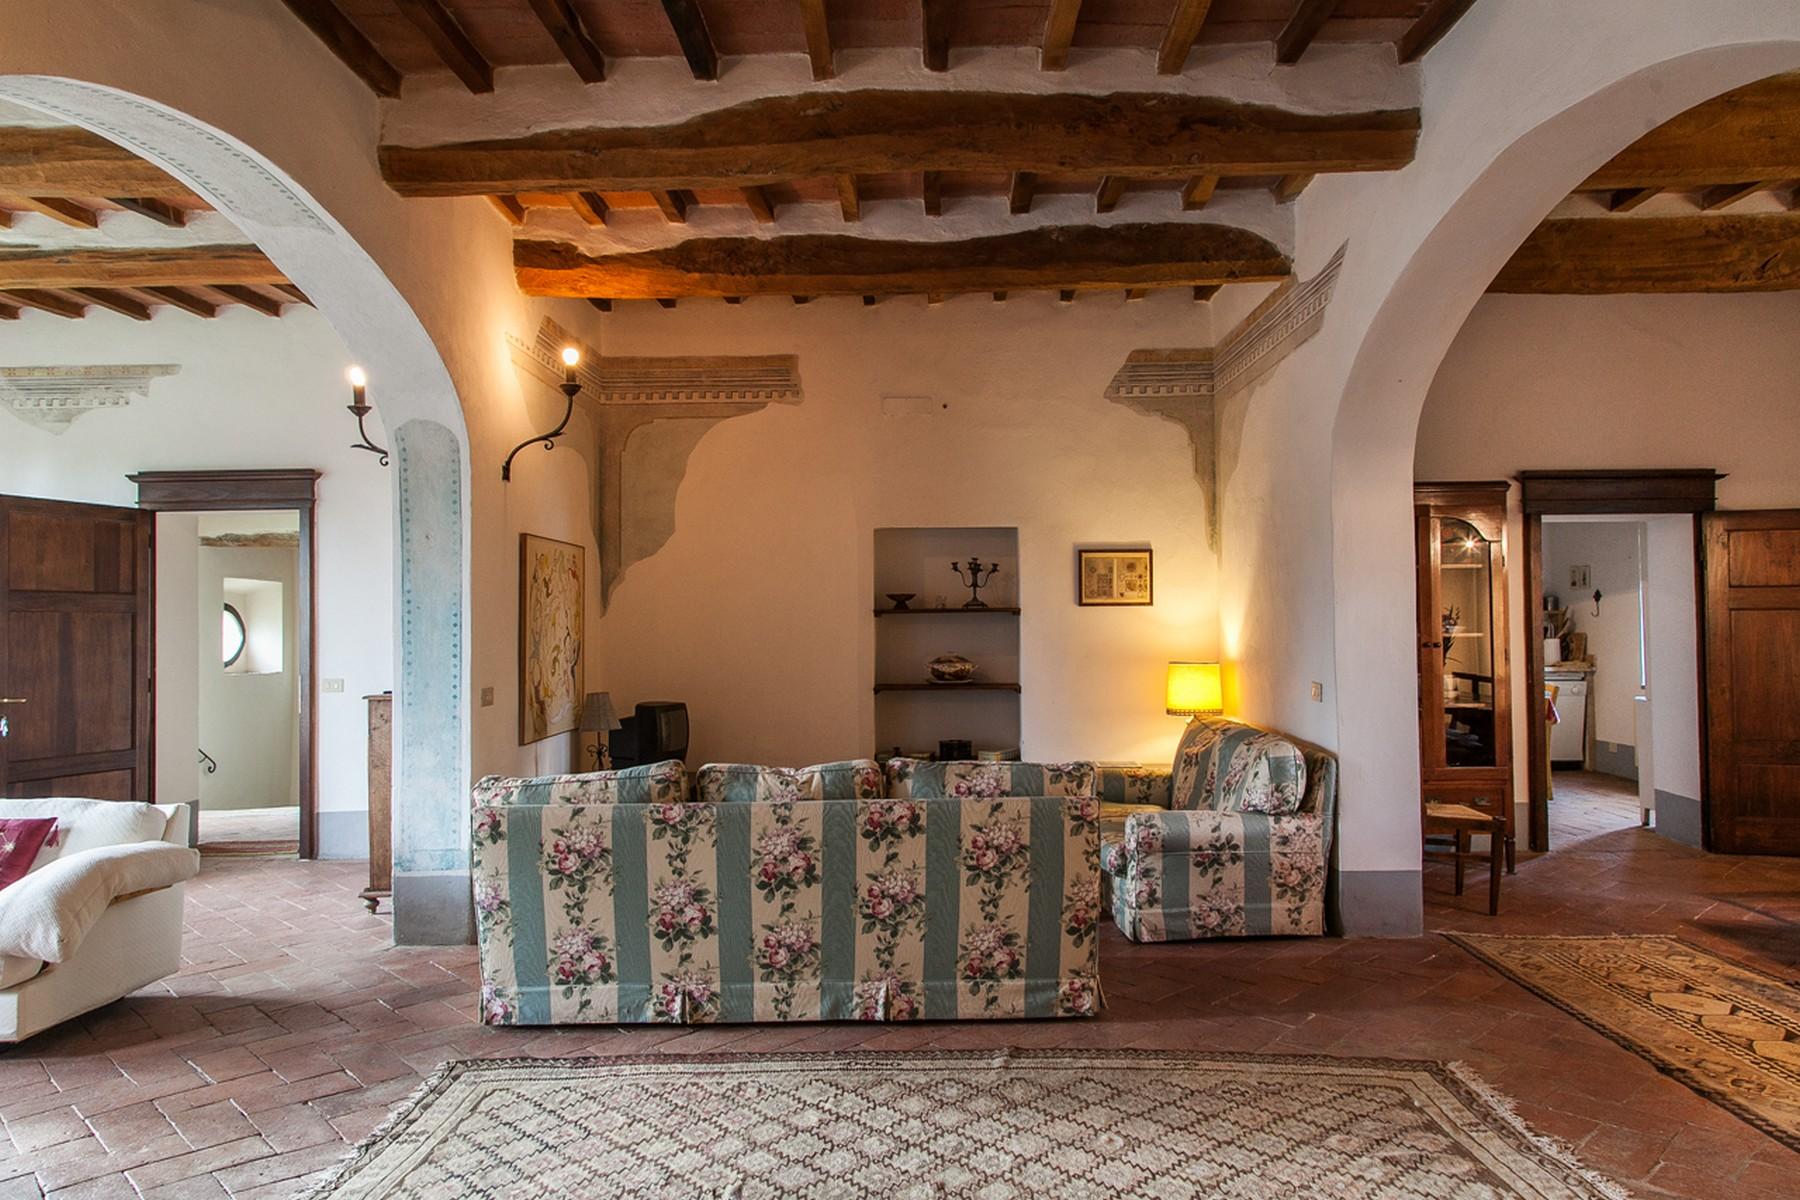 Rustico in Vendita a Montalcino: 5 locali, 900 mq - Foto 12